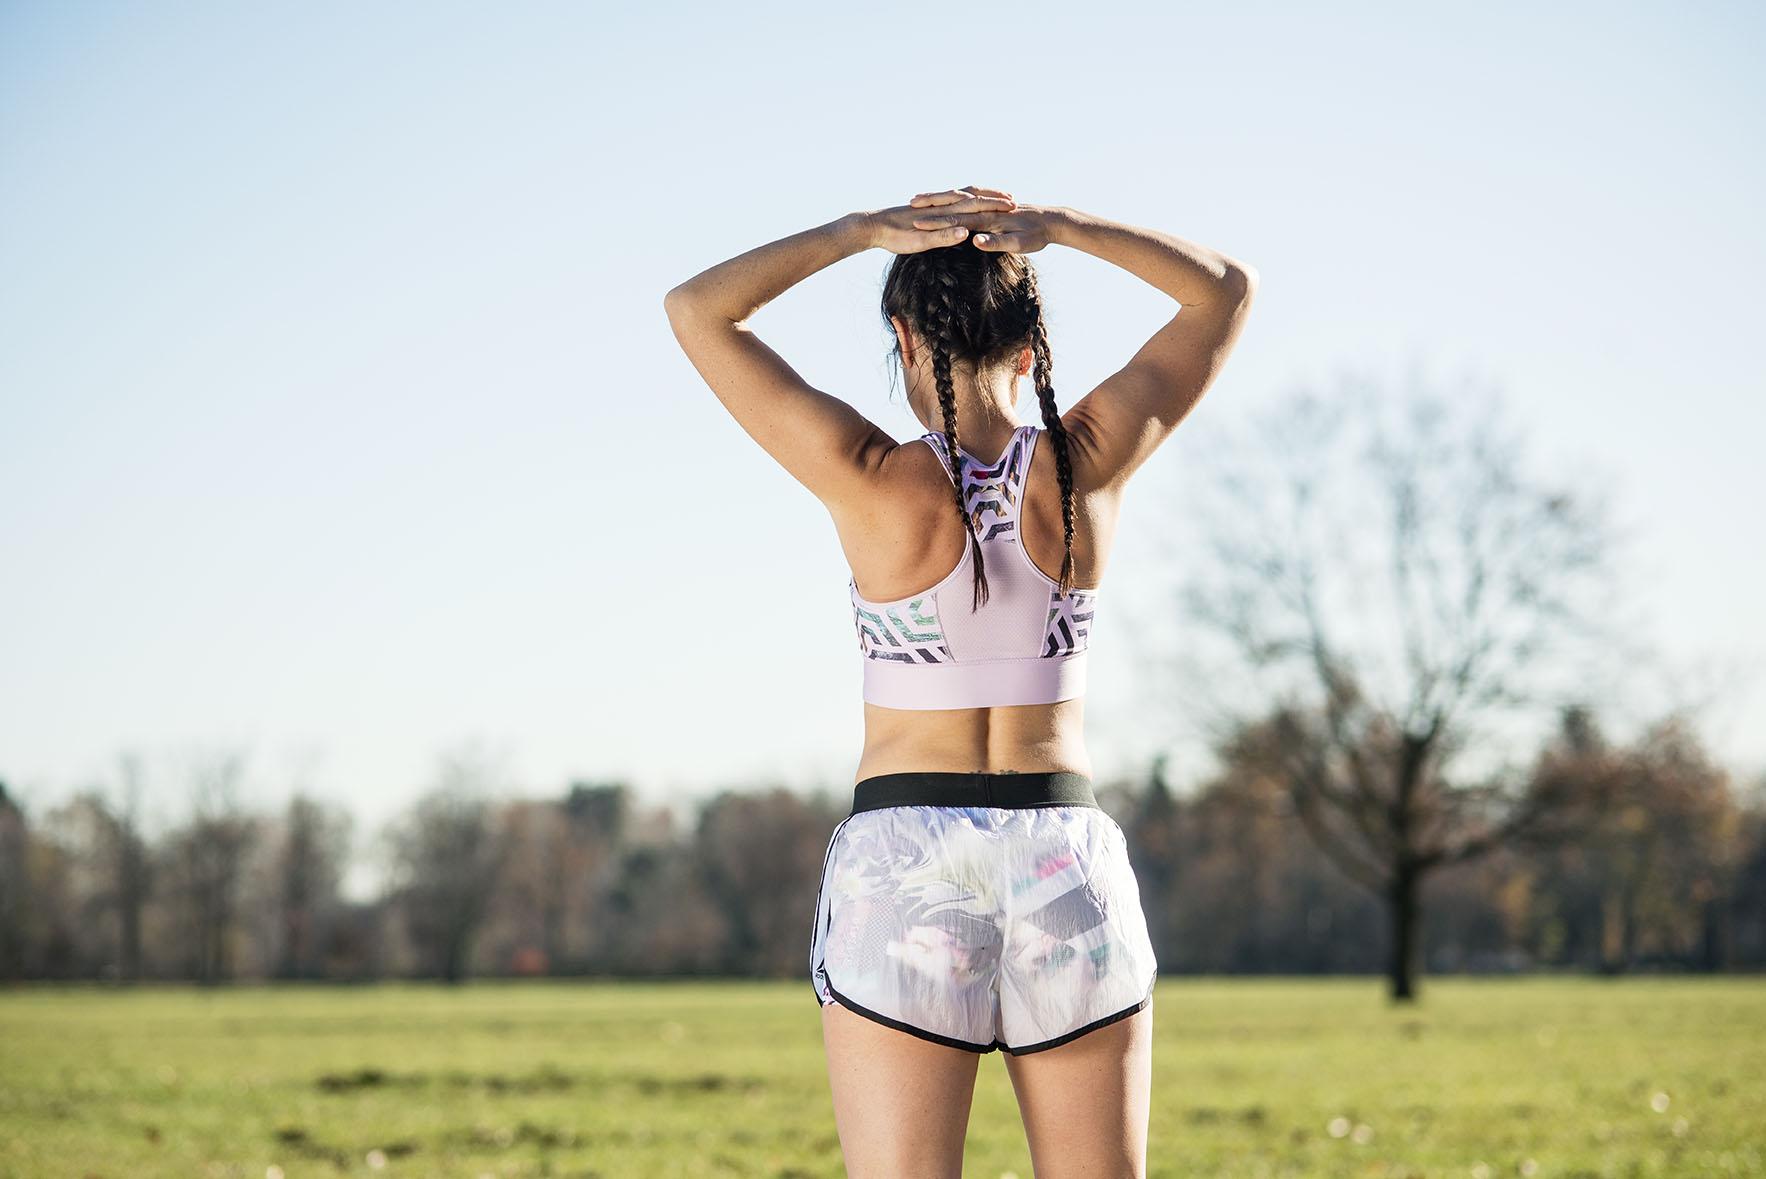 Boston Marathon – La pazienza è la virtù dei forti e i forti corrono la maratona